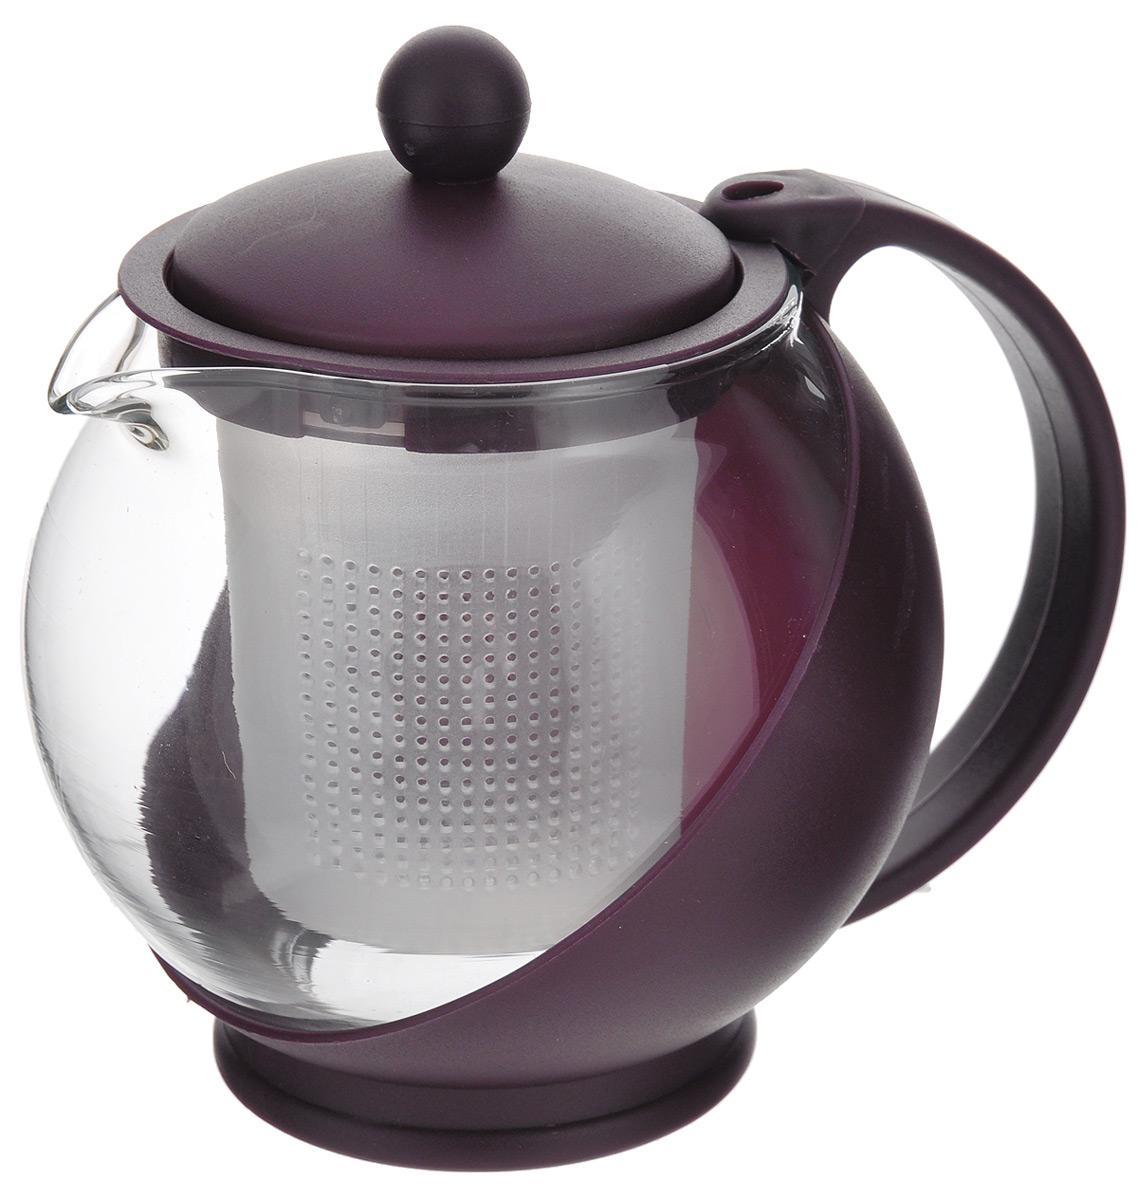 Чайник заварочный Miolla, с фильтром, цвет: вишневый, 500 мл. DHA020P/ADHA020P/AЗаварочный чайник Miolla изготовлен из жаропрочного стекла и термостойкого пластика. Чай в таком чайнике дольше остается горячим, а полезные и ароматические вещества полностью сохраняются в напитке. Чайник оснащен фильтром и крышкой. Простой и удобный чайник поможет вам приготовить крепкий, ароматный чай. Разборная конструкция обеспечивает легкий уход. Можно мыть в посудомоечной машине. Не использовать в микроволновой печи.Диаметр чайника (по верхнему краю): 6,2 см.Высота чайника (без учета крышки): 10 см.Высота фильтра: 7,5 см.